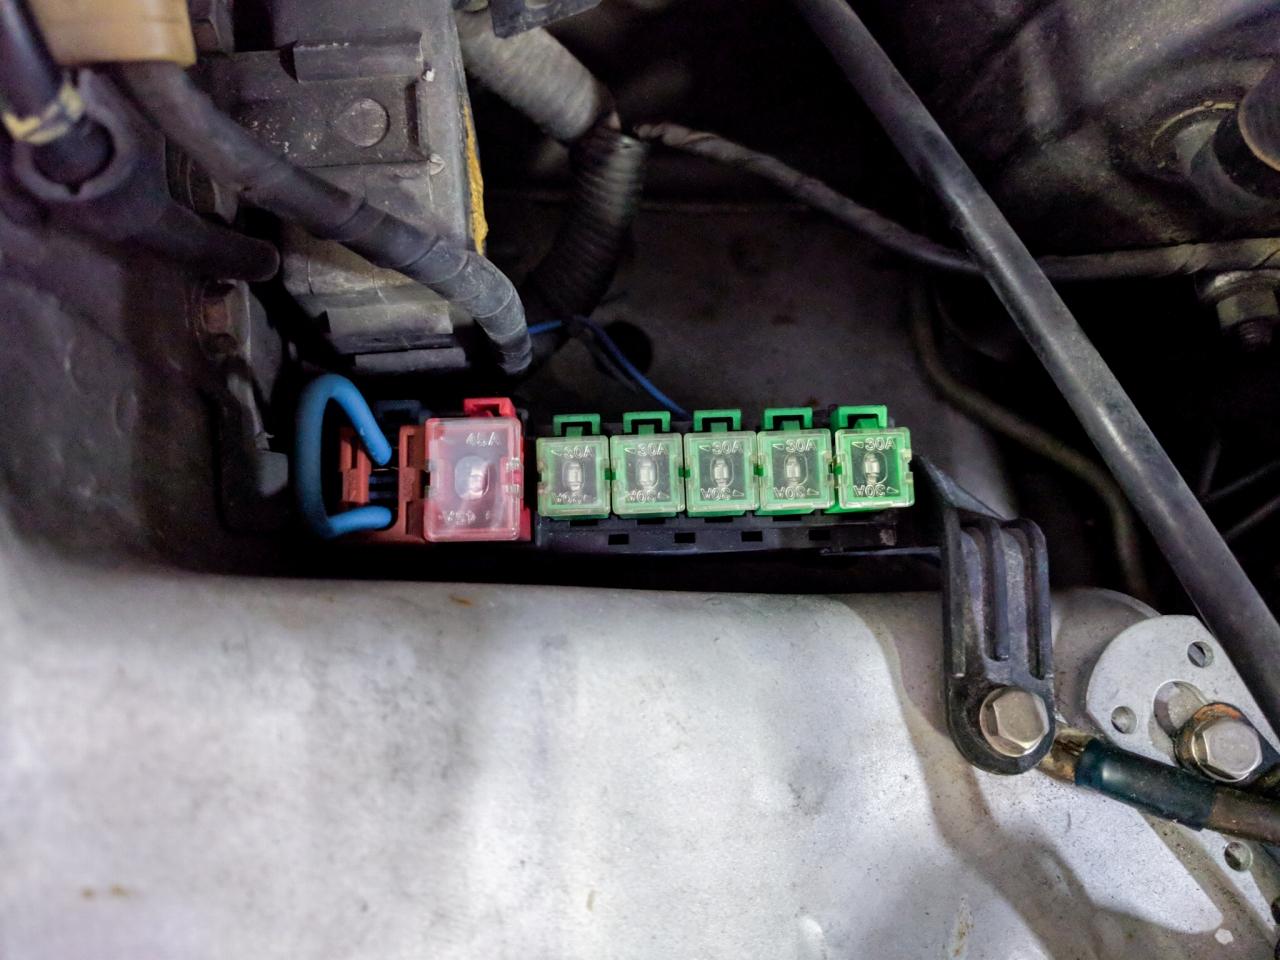 Z32 フューエル(燃料)ポンプヒューズ取り外し 写真(その2)